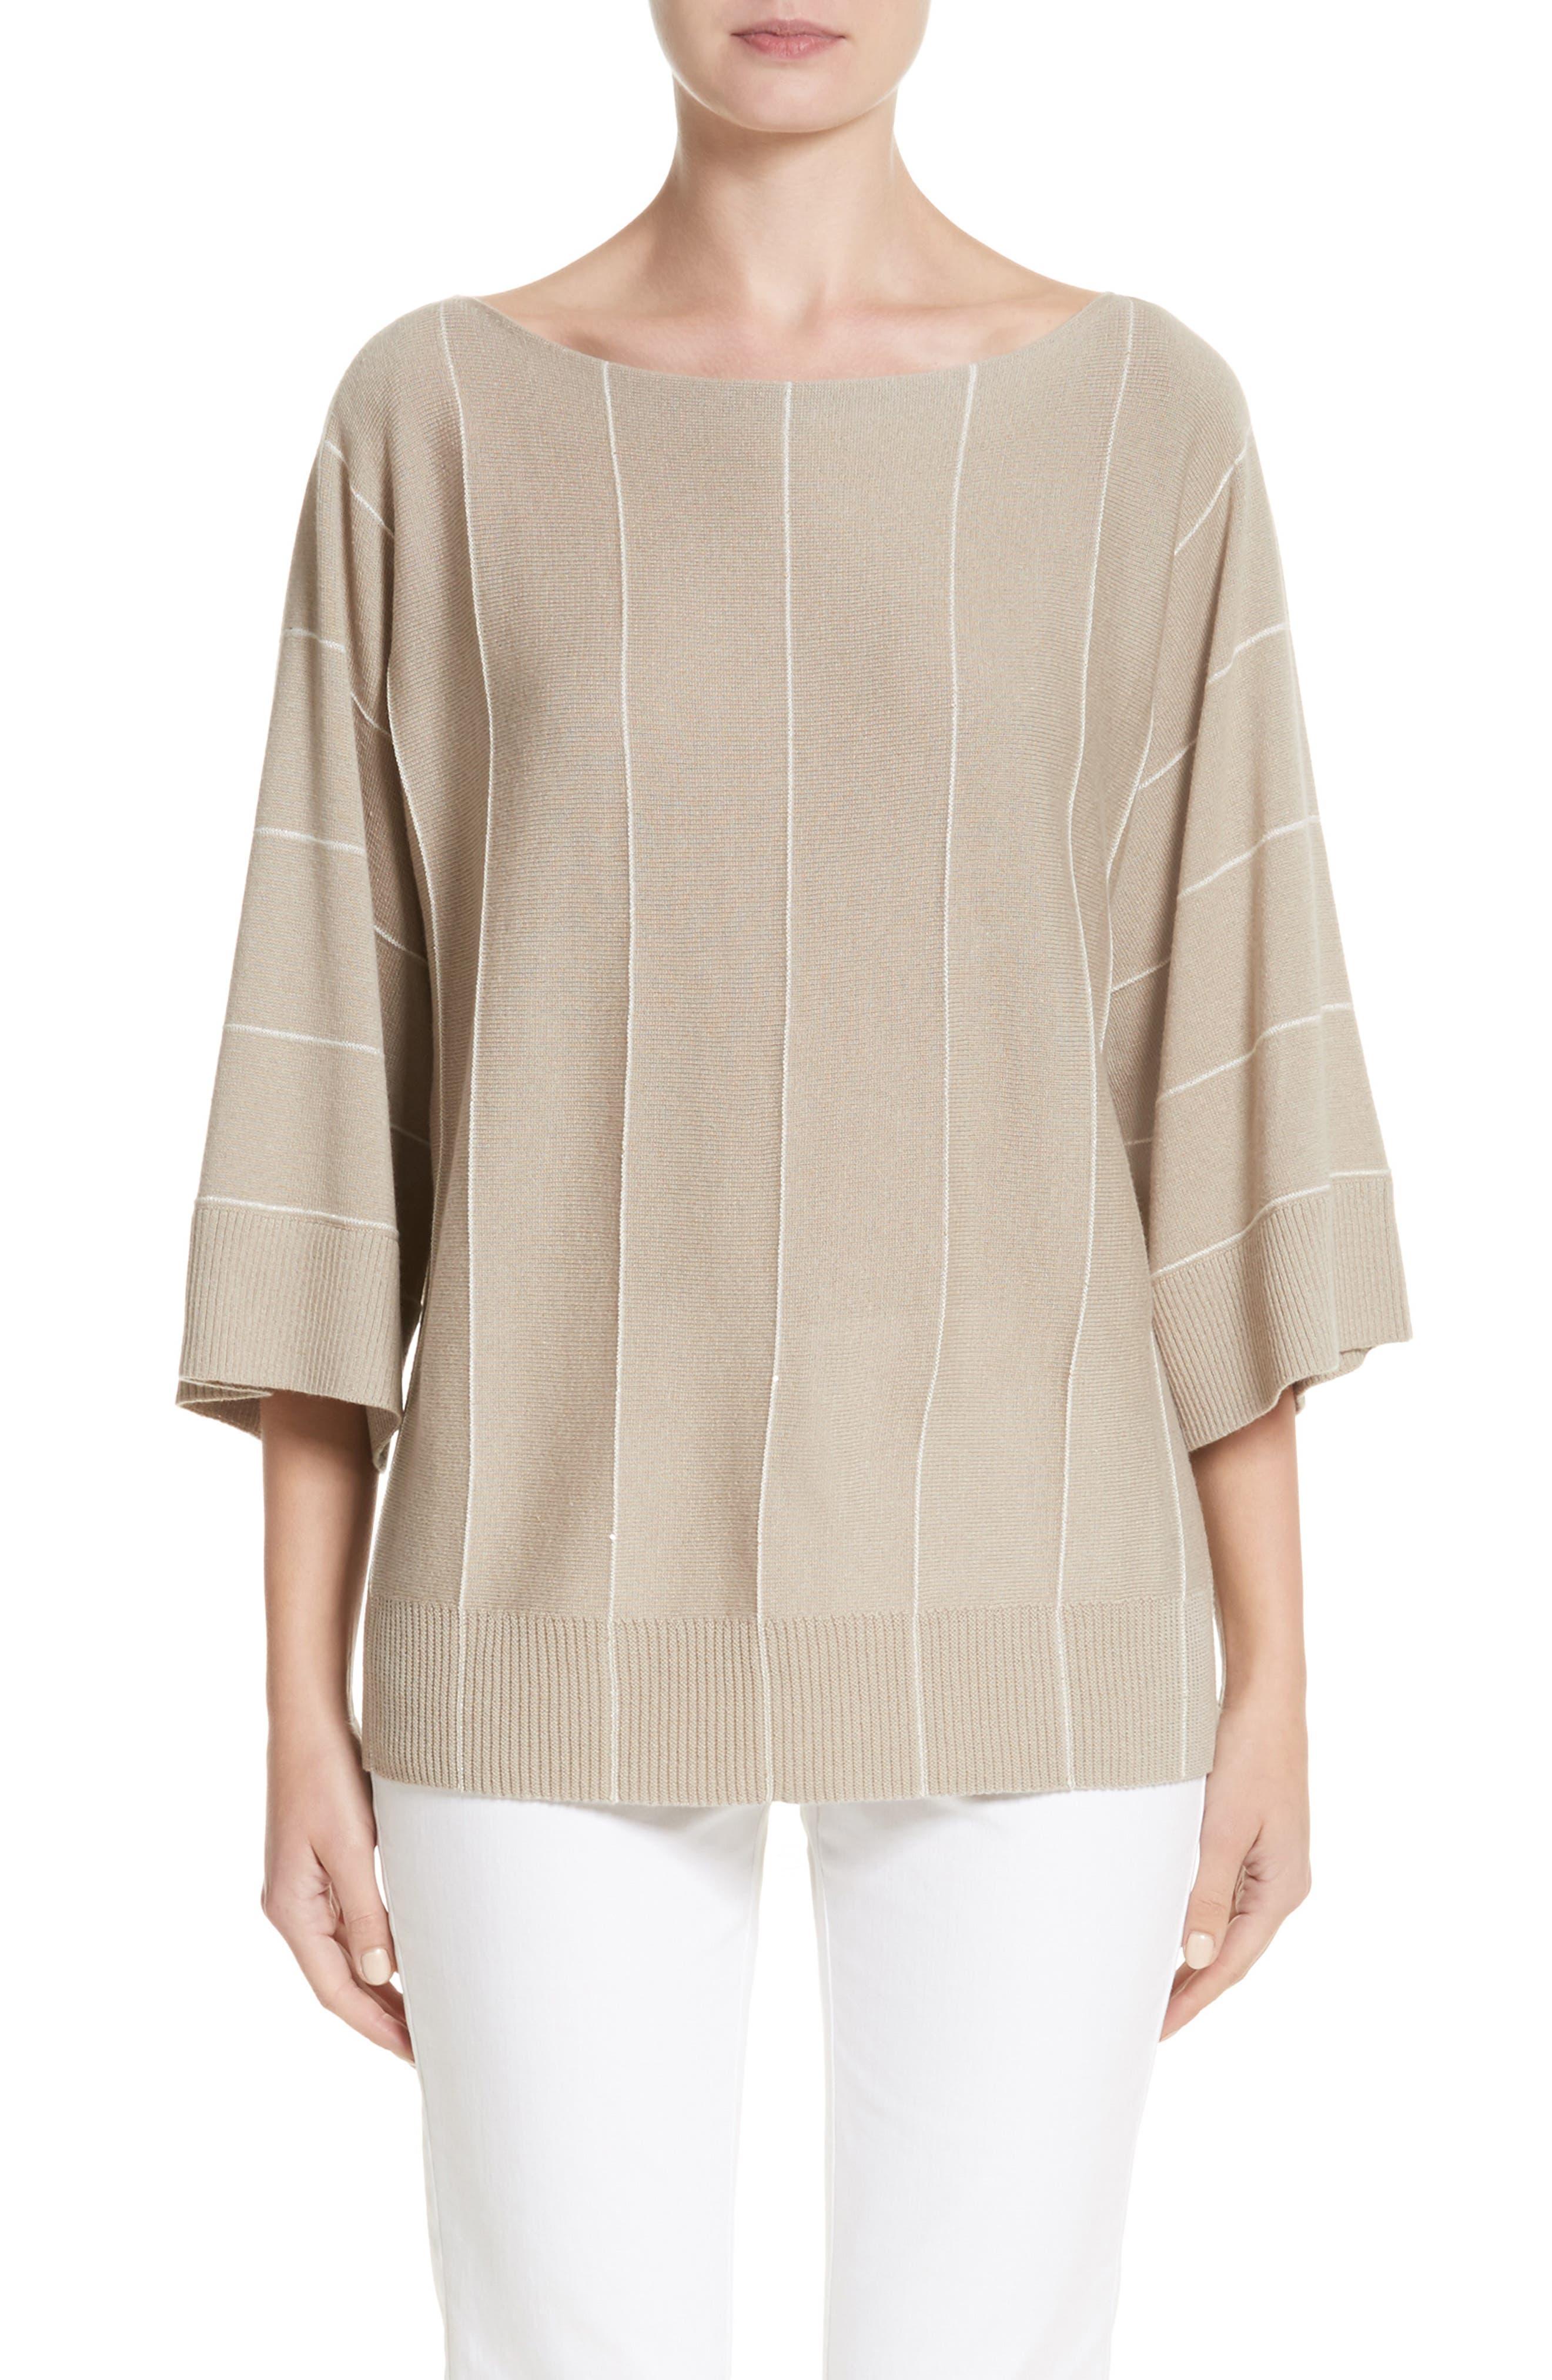 Sequin Knit Cashmere & Silk Pullover,                         Main,                         color, Khaki Multi